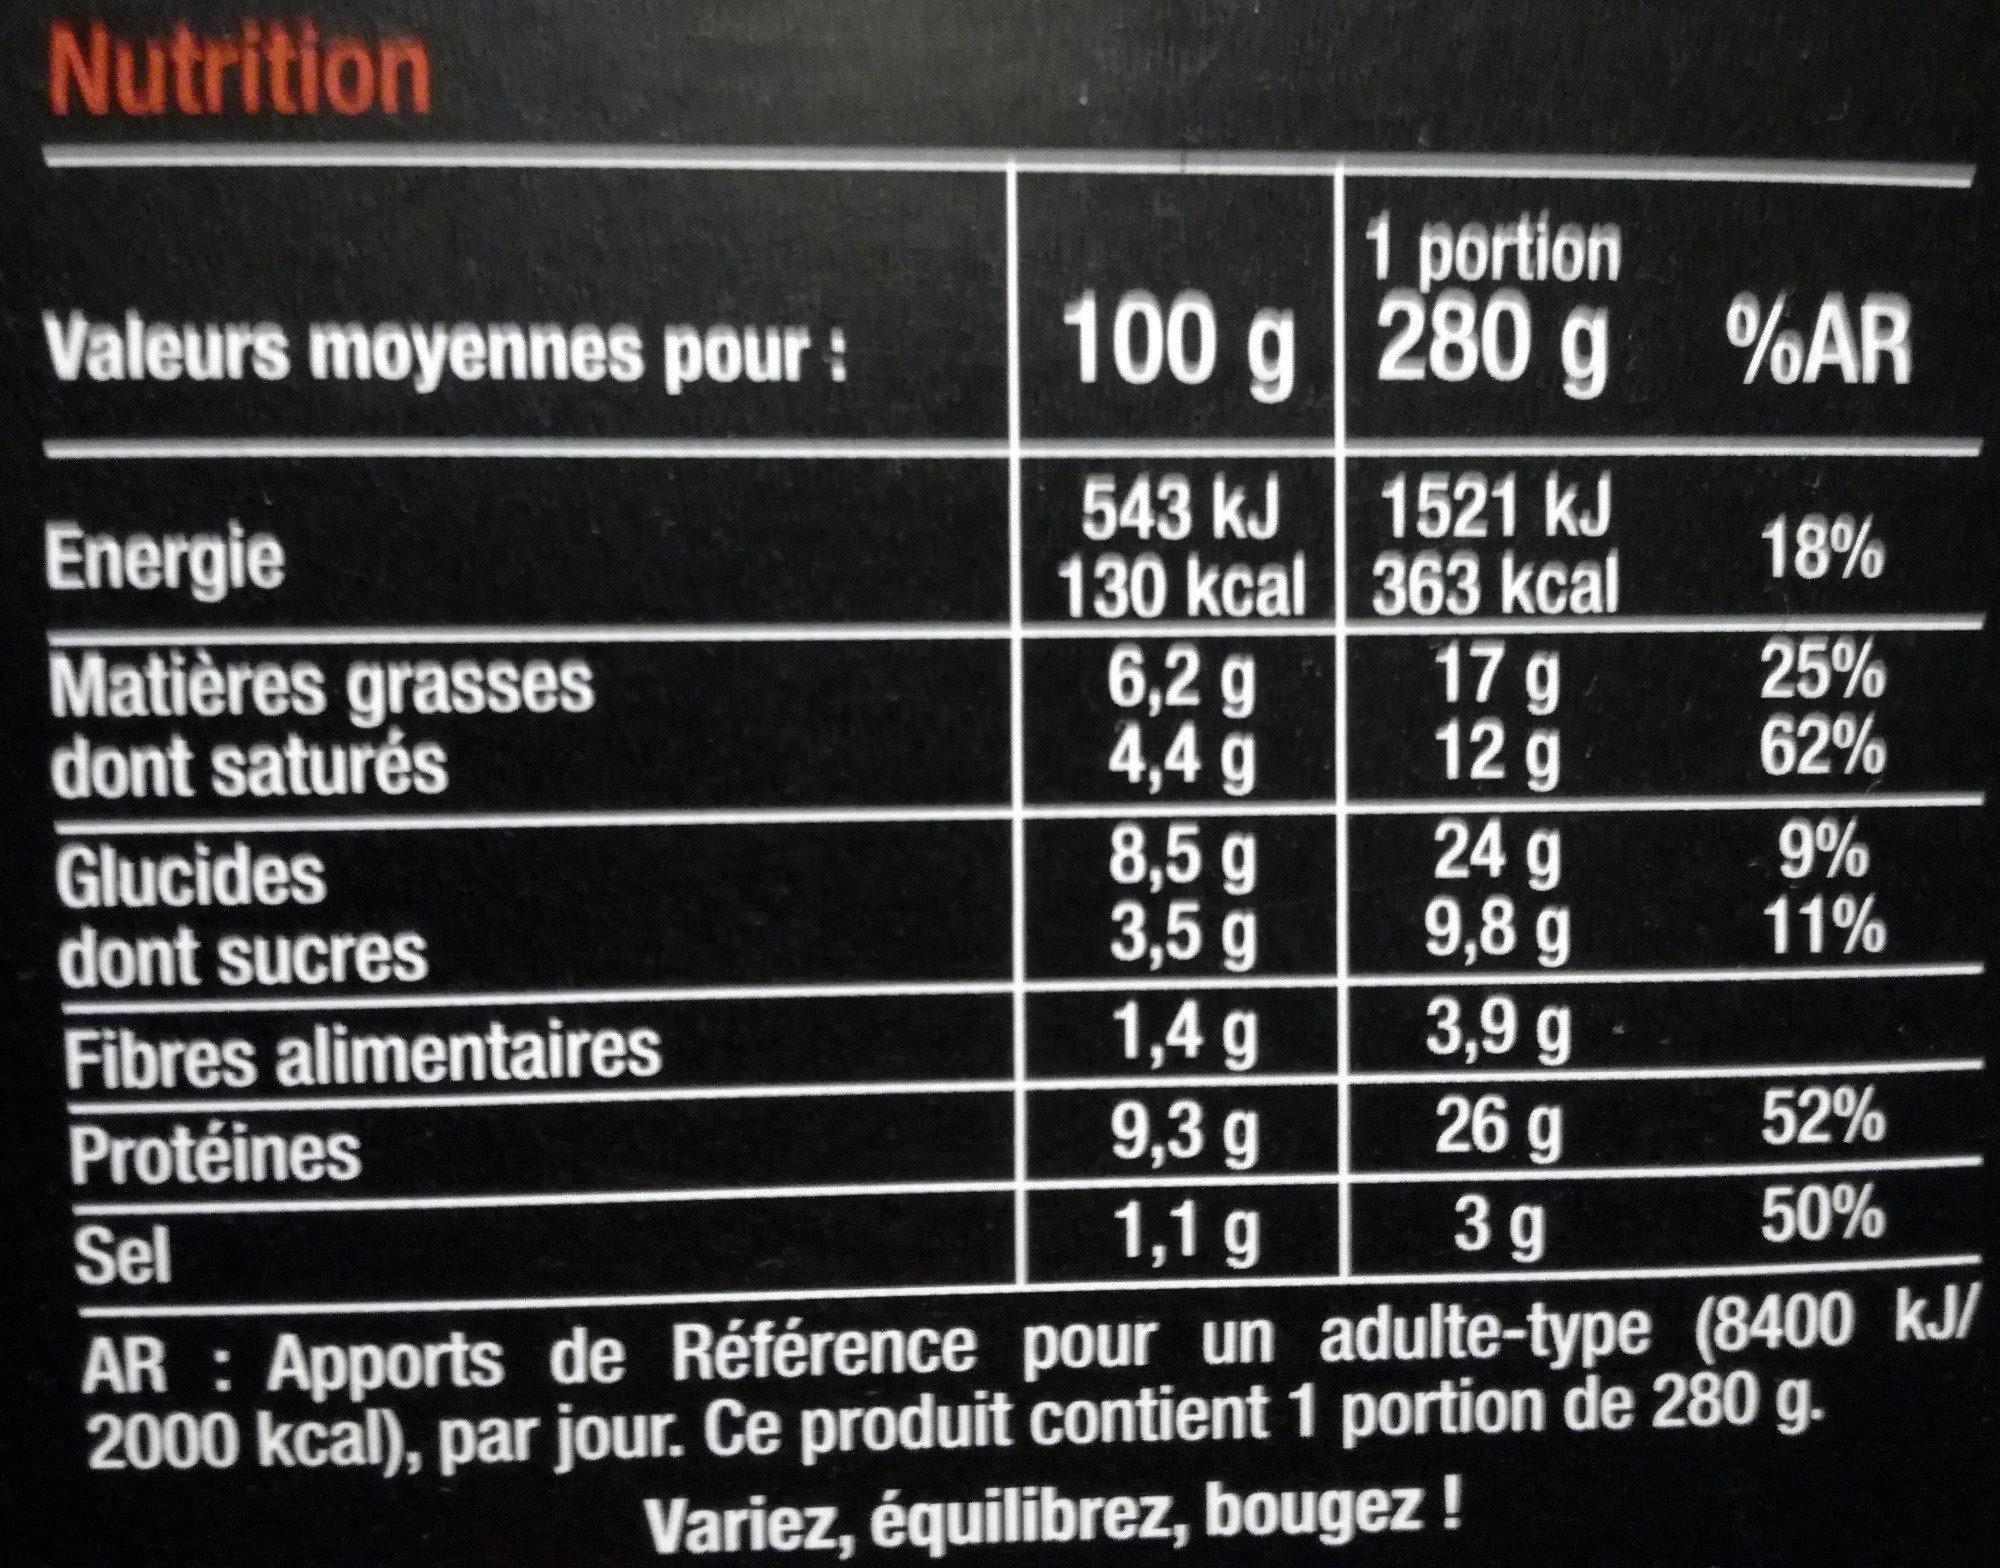 Émincés de bœuf au vinaigre balsamique sauce au soja et purée à la patate douce - Informations nutritionnelles - fr